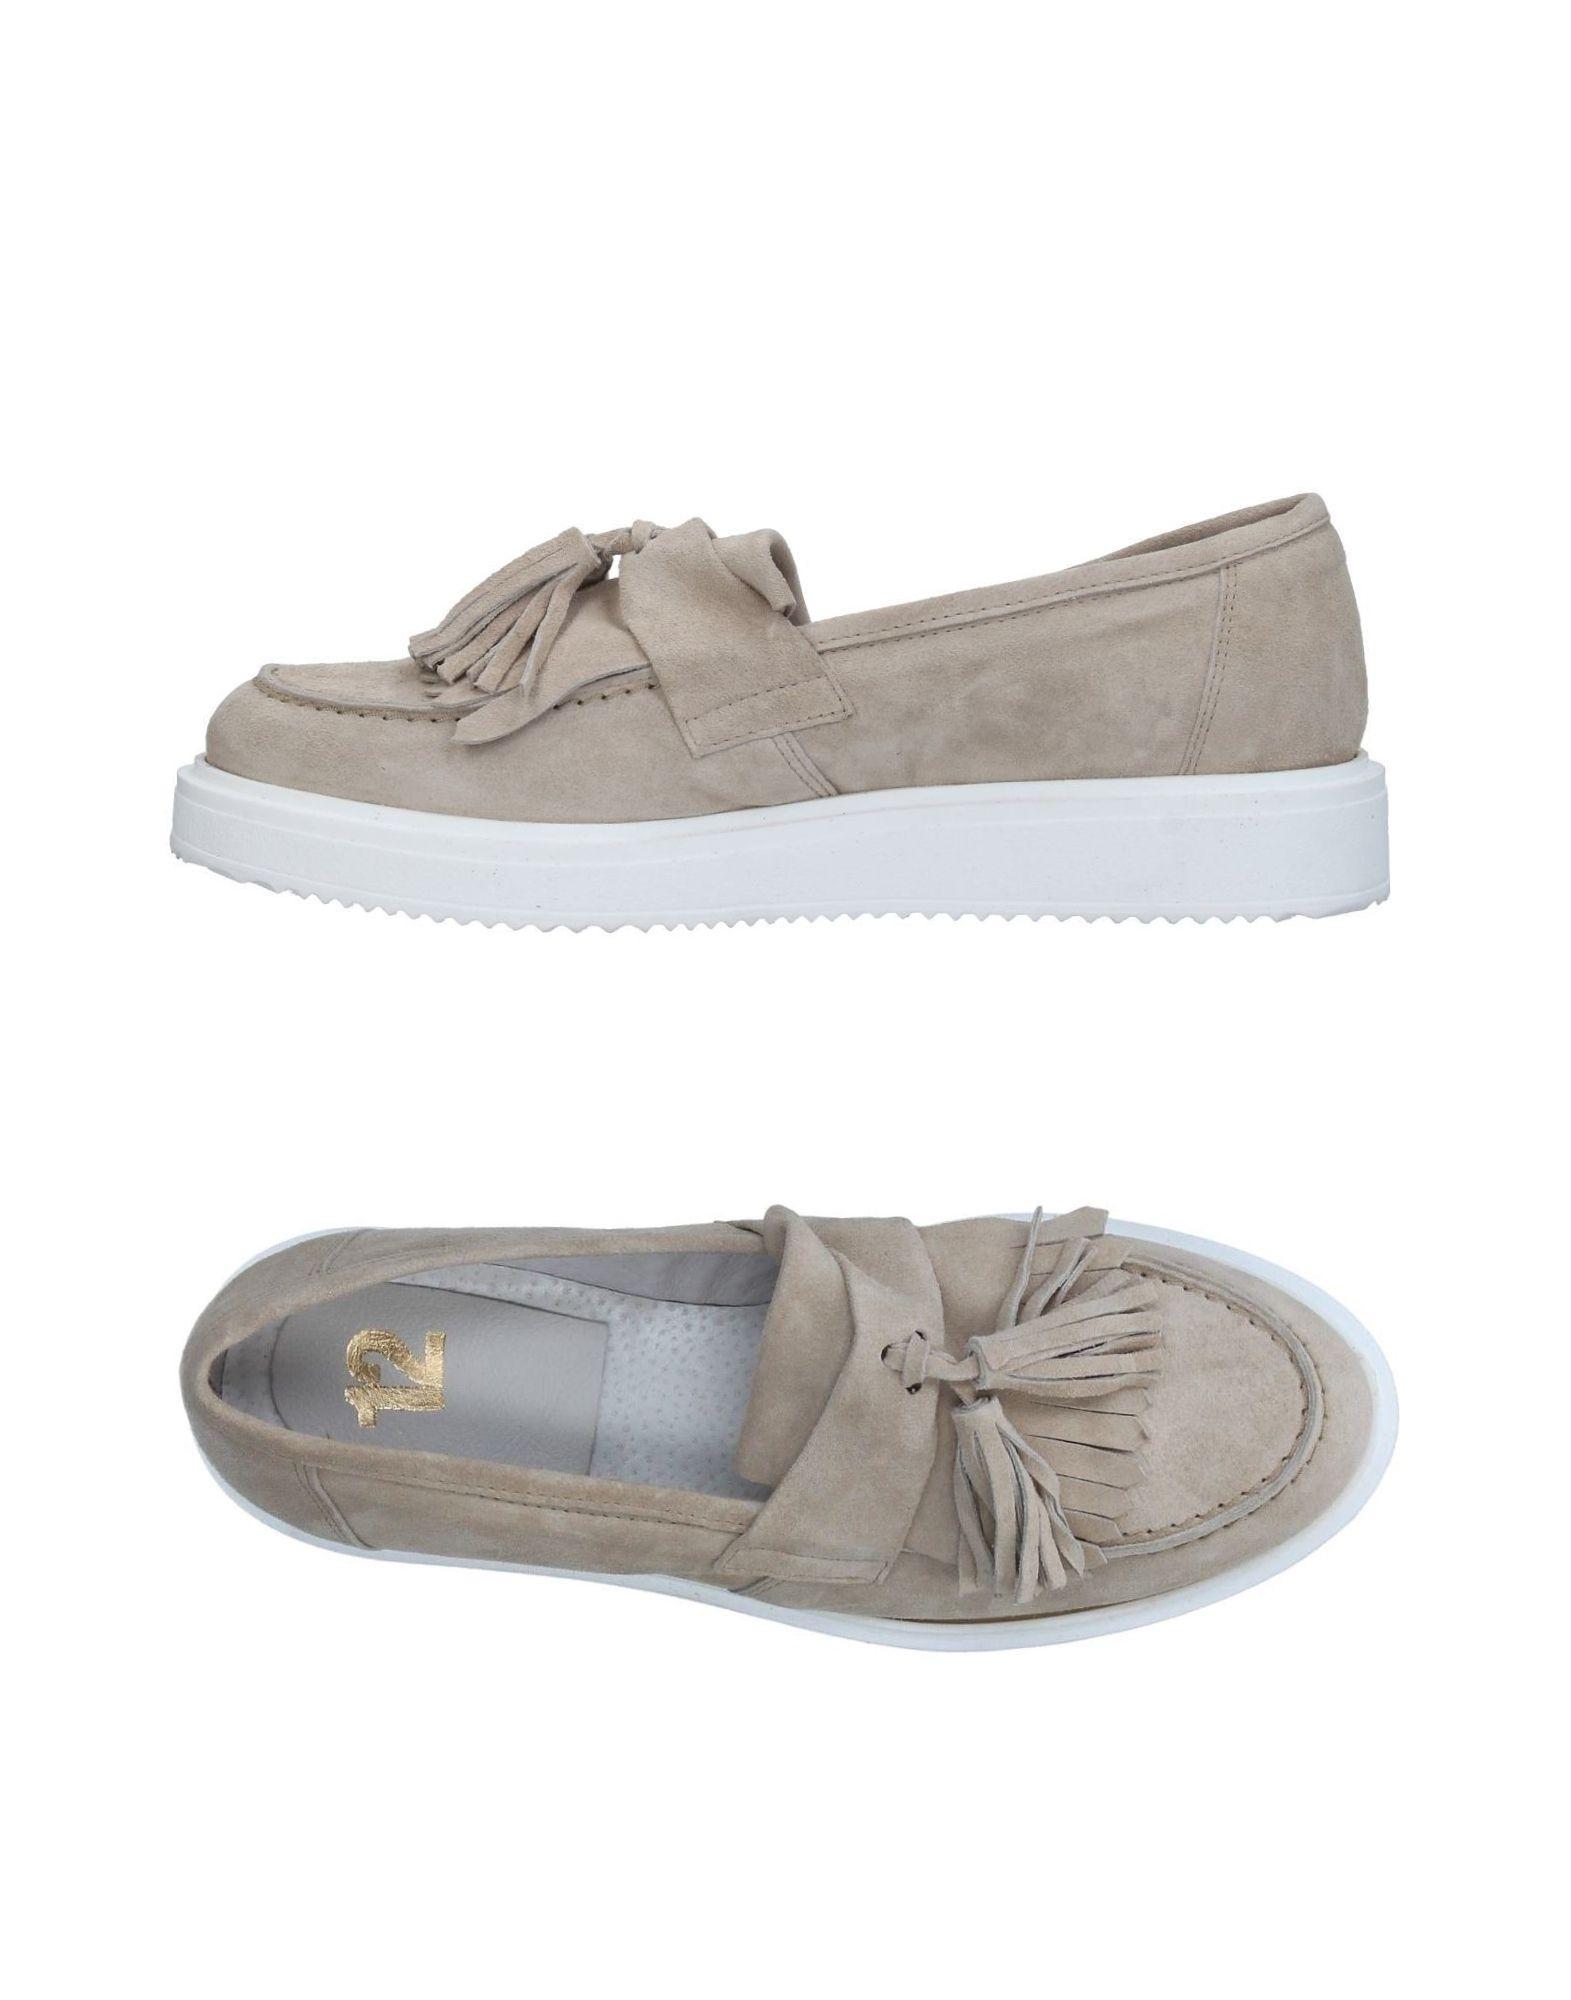 Sneakers Tsd12 Femme - Sneakers Tsd12 sur